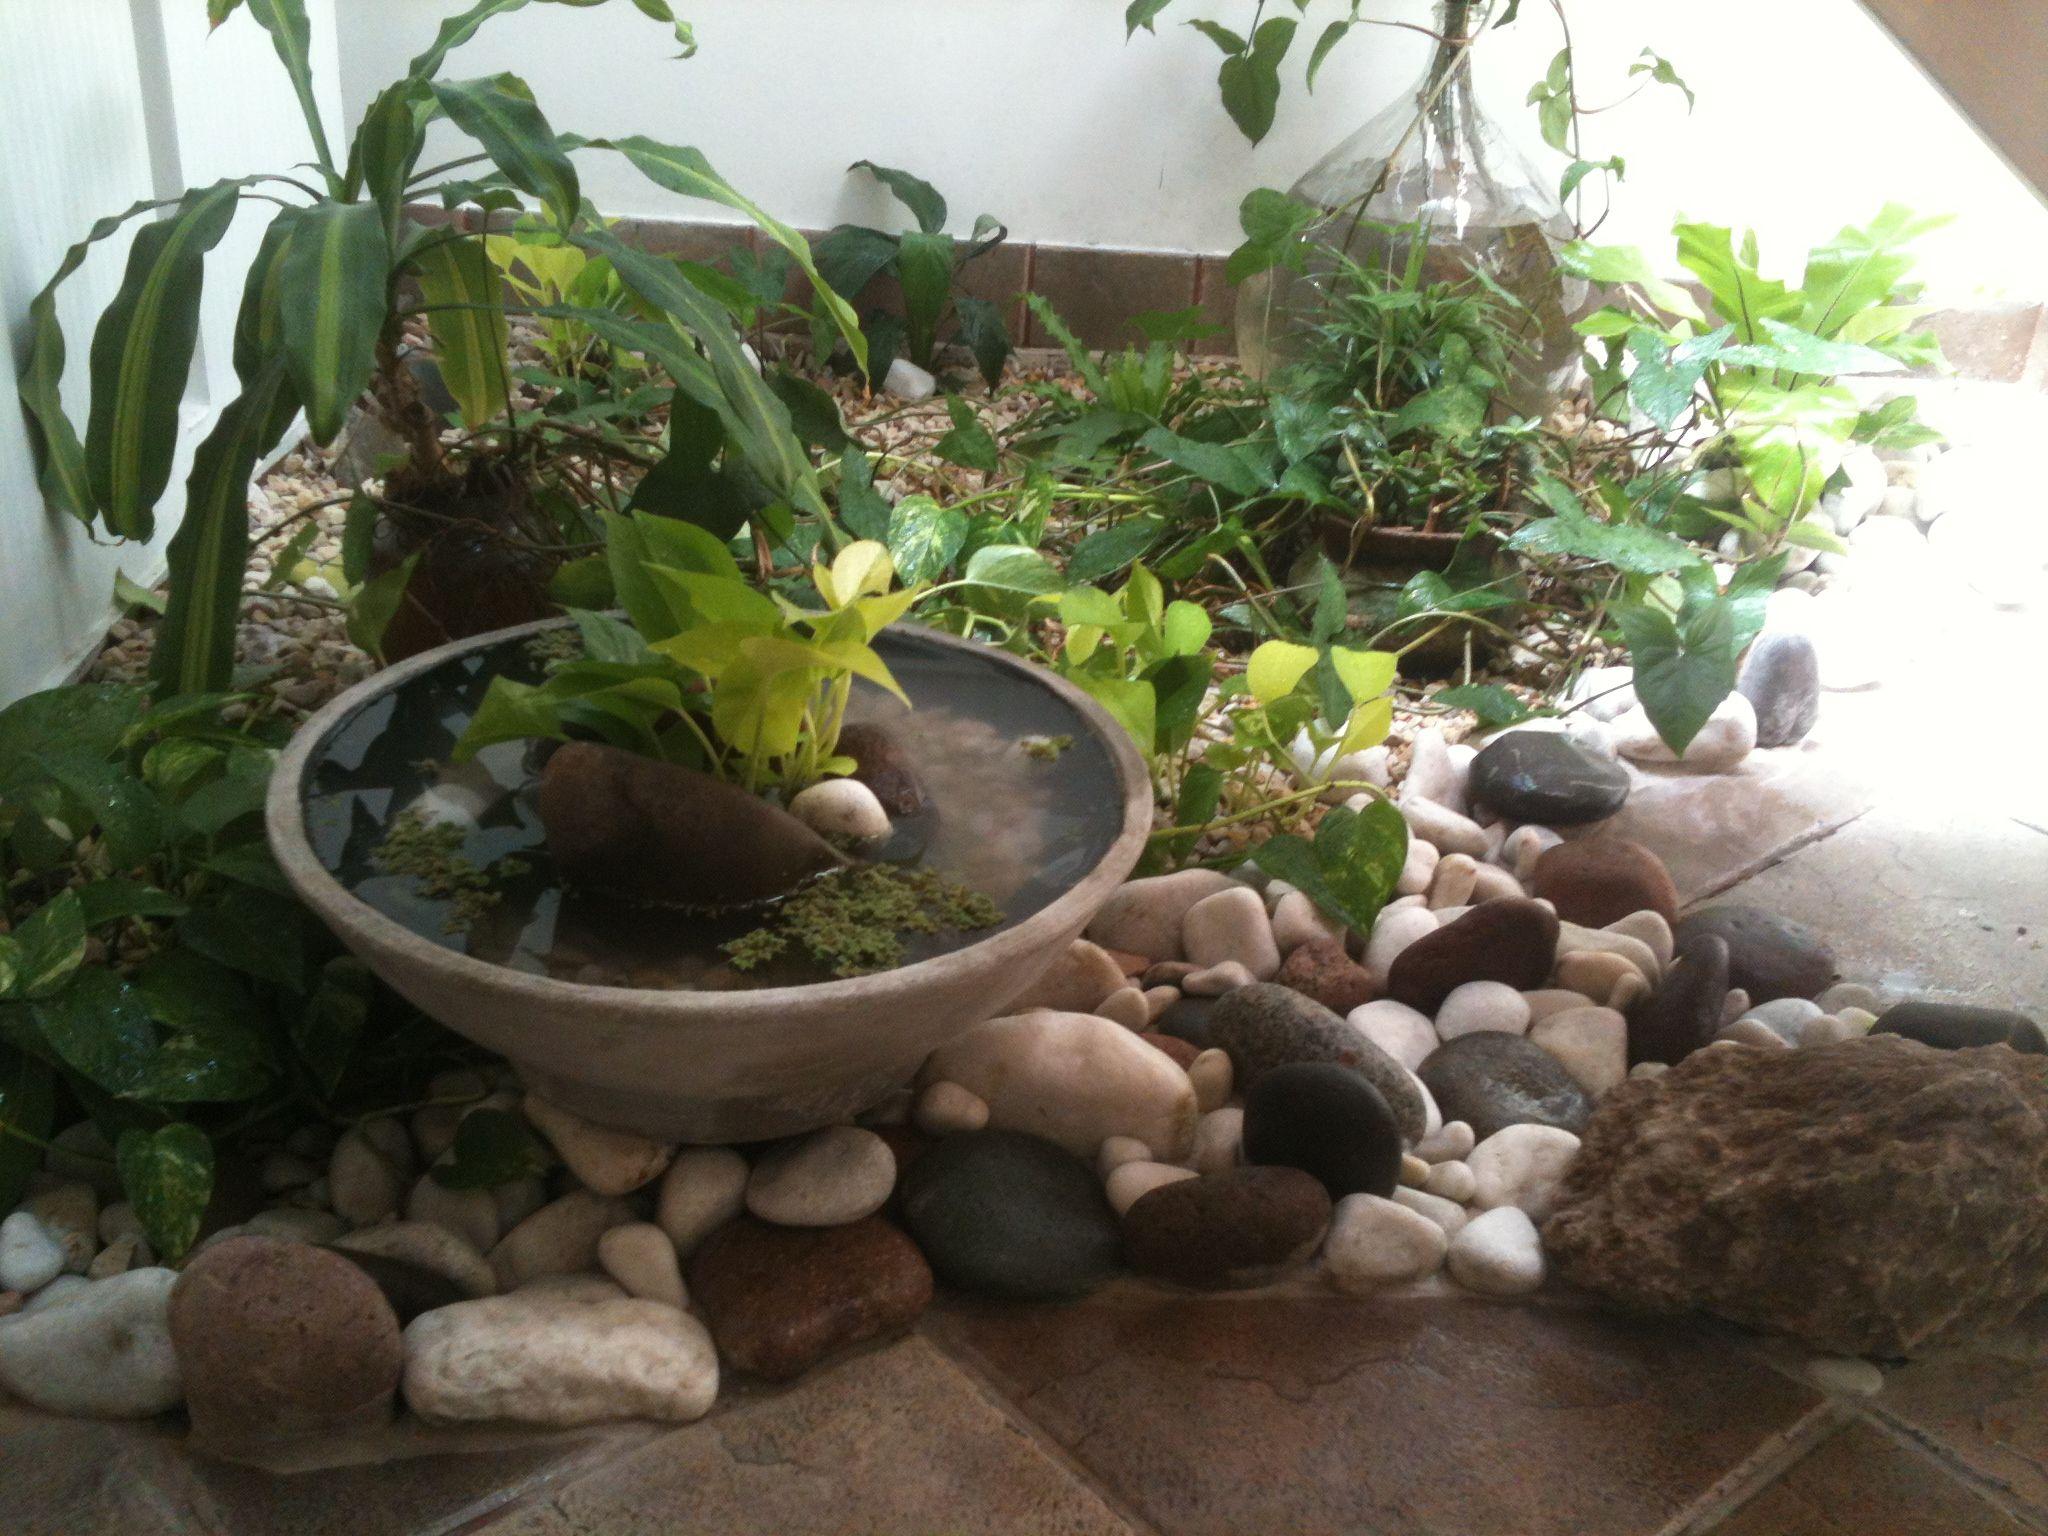 Dise o de espacios inertes bajo escalera utilizando - Decoracion de jardines con piedras ...